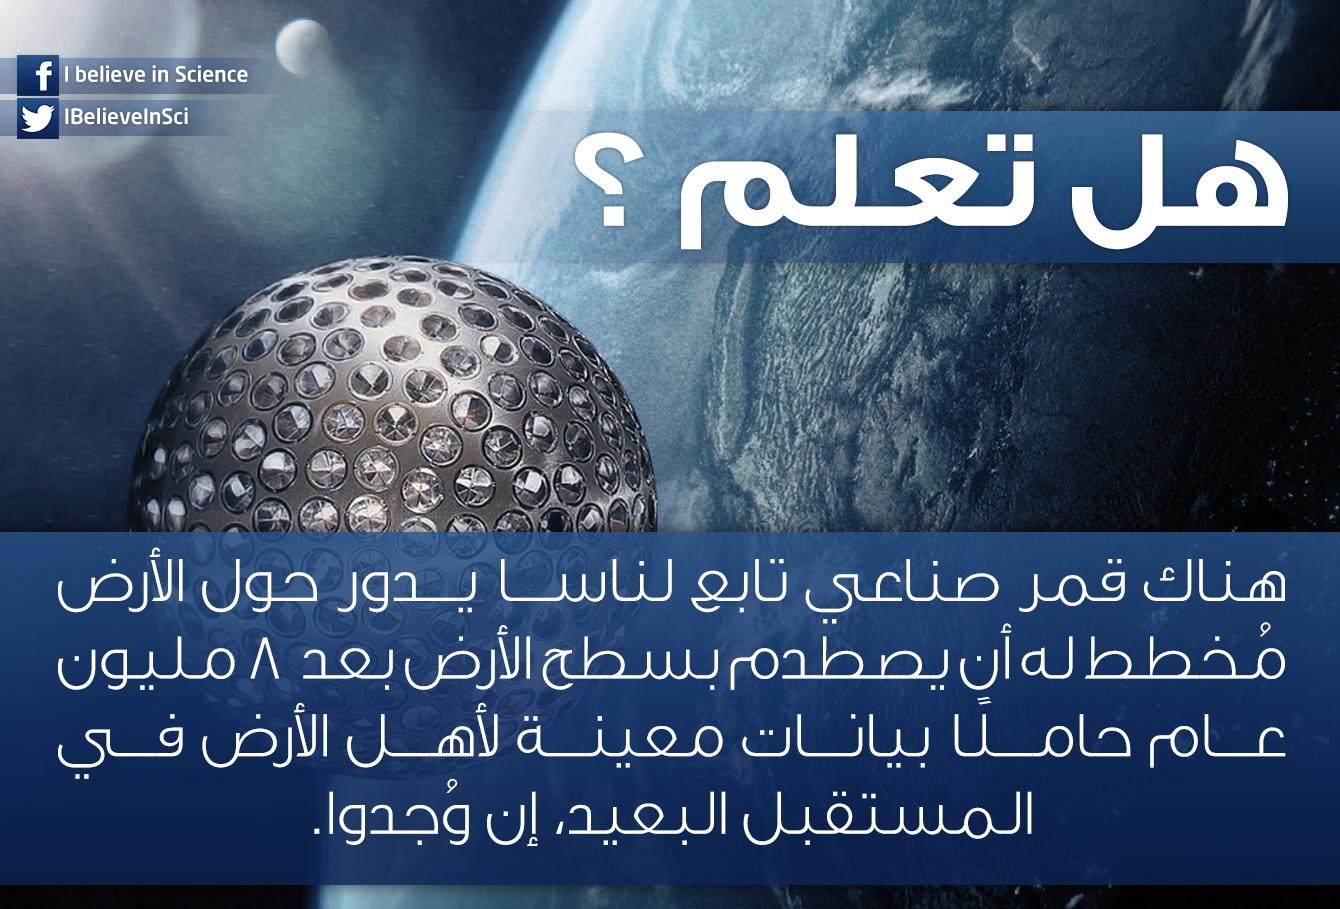 هل تعلم هناك قمر صناعي تابع لناسا يدور حول الأرض م خطط له أن أن يصطدم بسطح الأرض بعد 8 مليون عام حامل ا بيانات معينة لأهل الأر Science Facts Science Knowledge